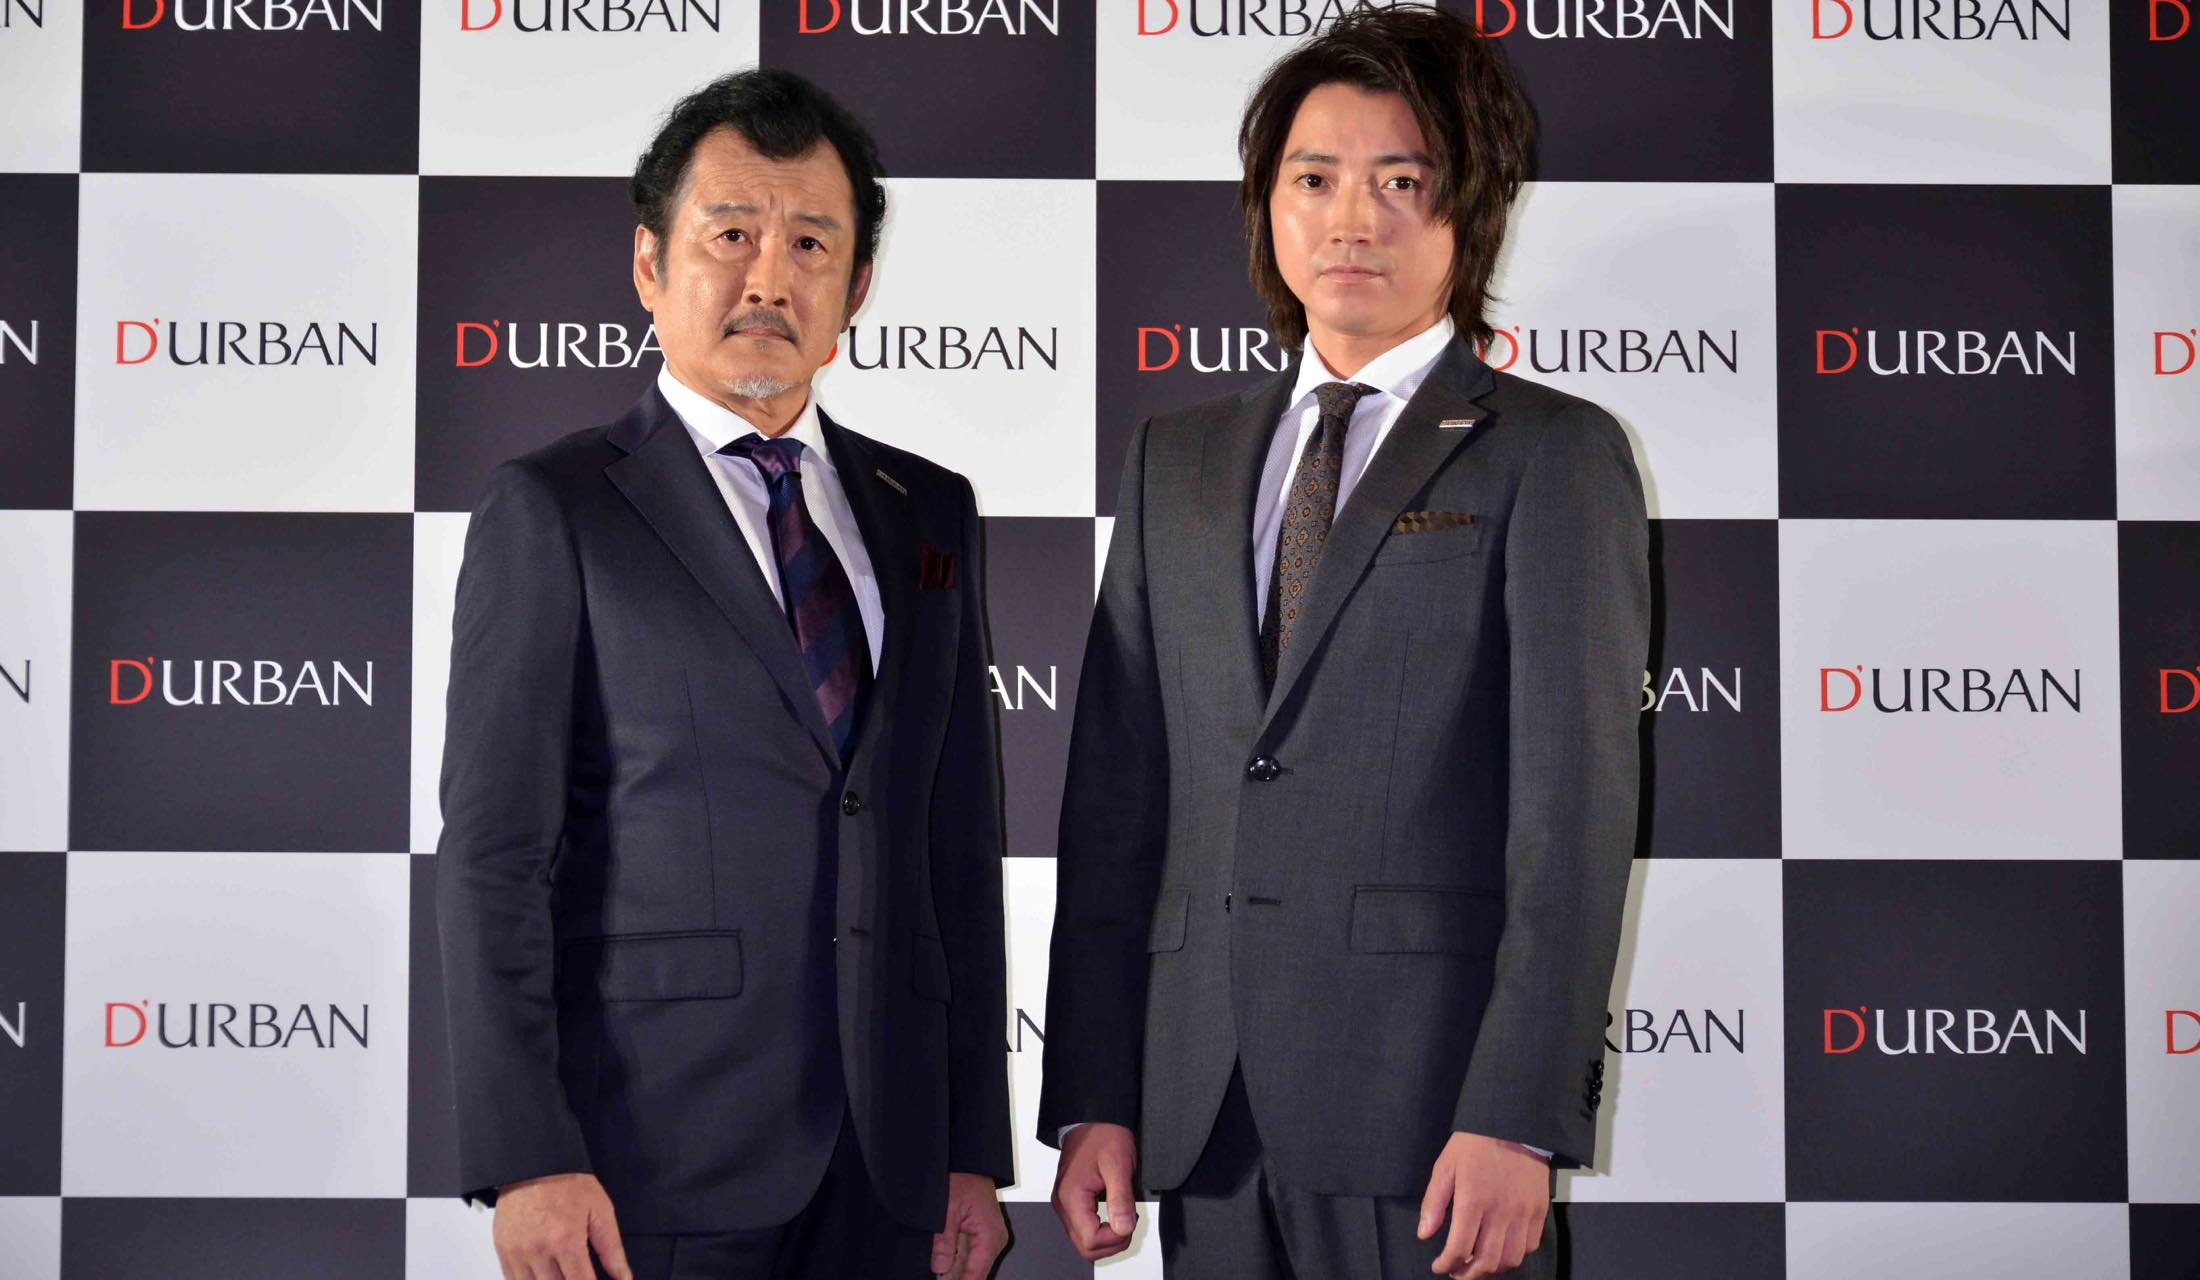 ダーバンのスーツを着ている藤原竜也と吉田鋼太郎